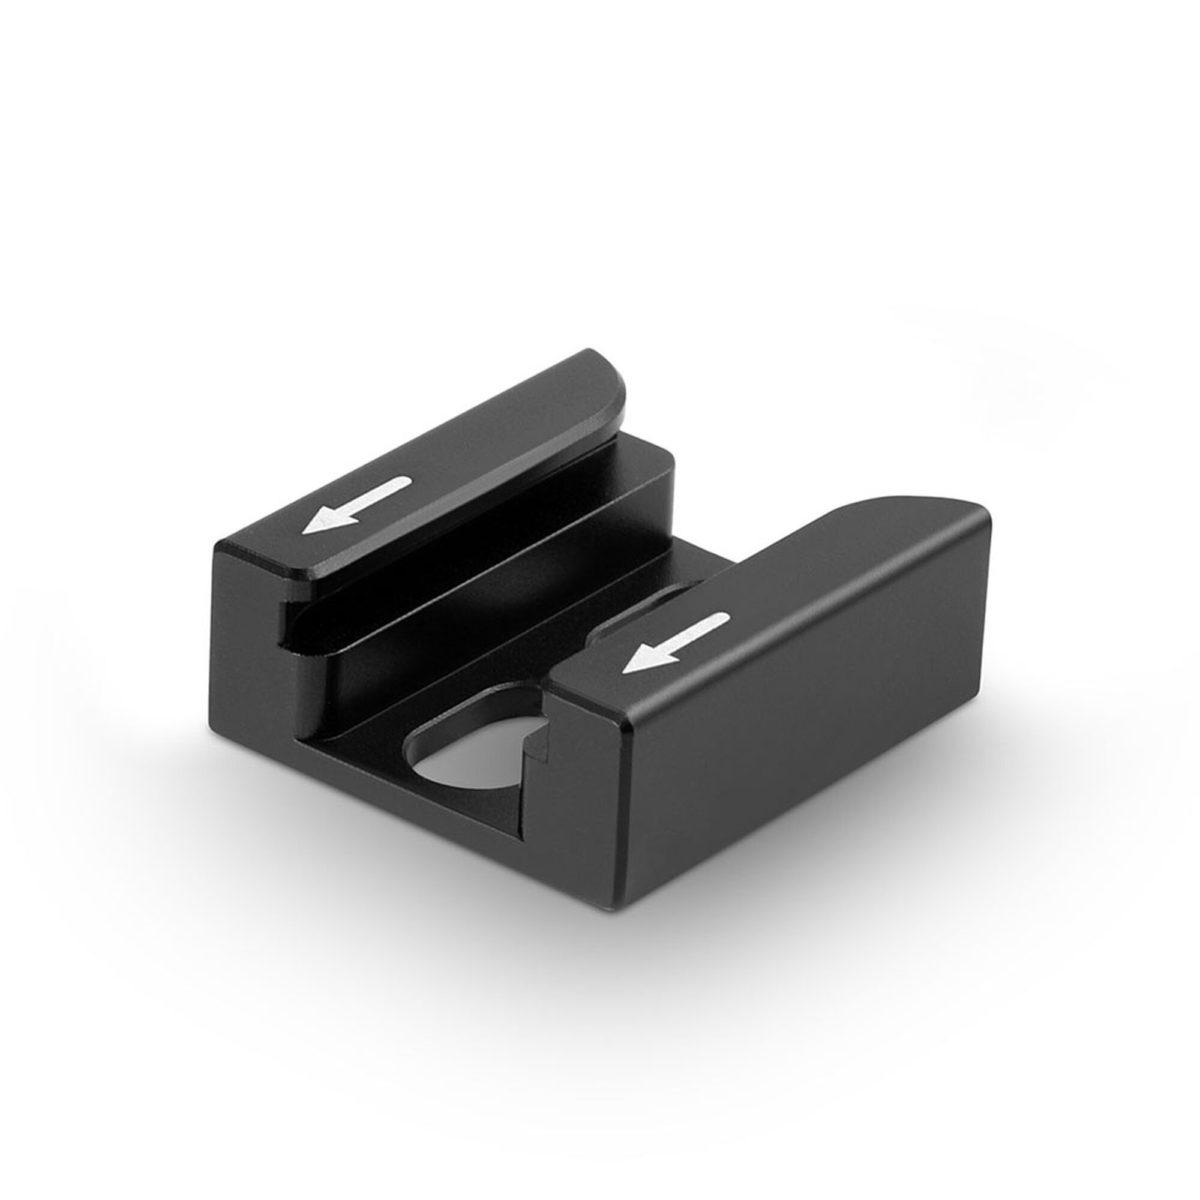 SmallRig Cold Shoe kostenlos zum SmallRig Equipment dazu mieten.